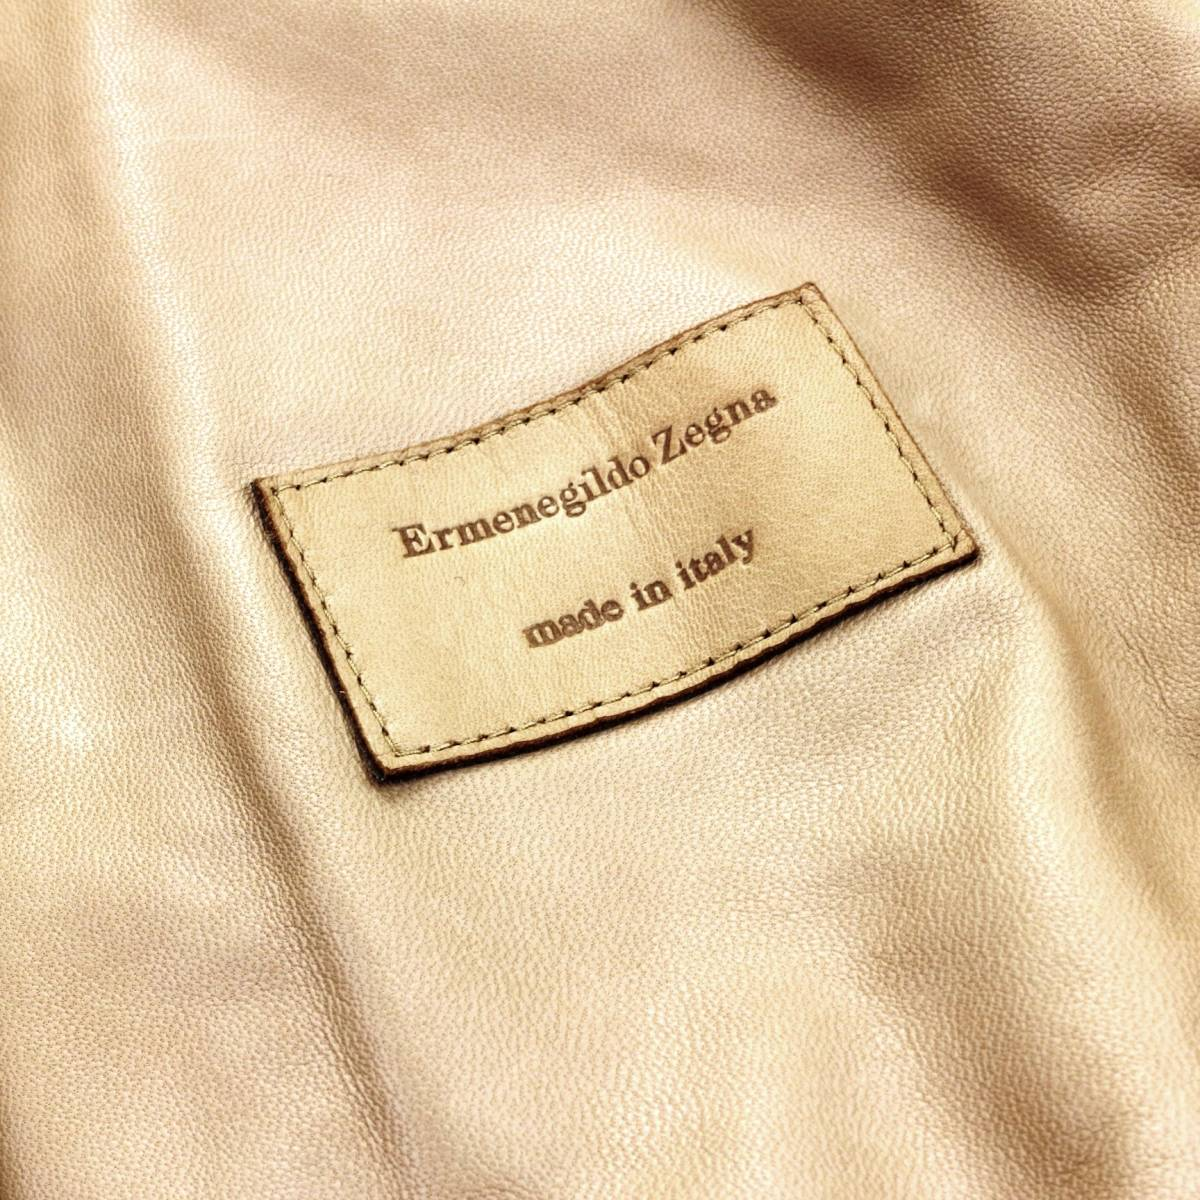 ラグジュアリーの極み◎!!!「エルメネジルドゼニア/Zegna」定価70万 最高級仔羊革ラムスキンを贅沢に使用した至極のレザーブルゾン 50XL_画像7